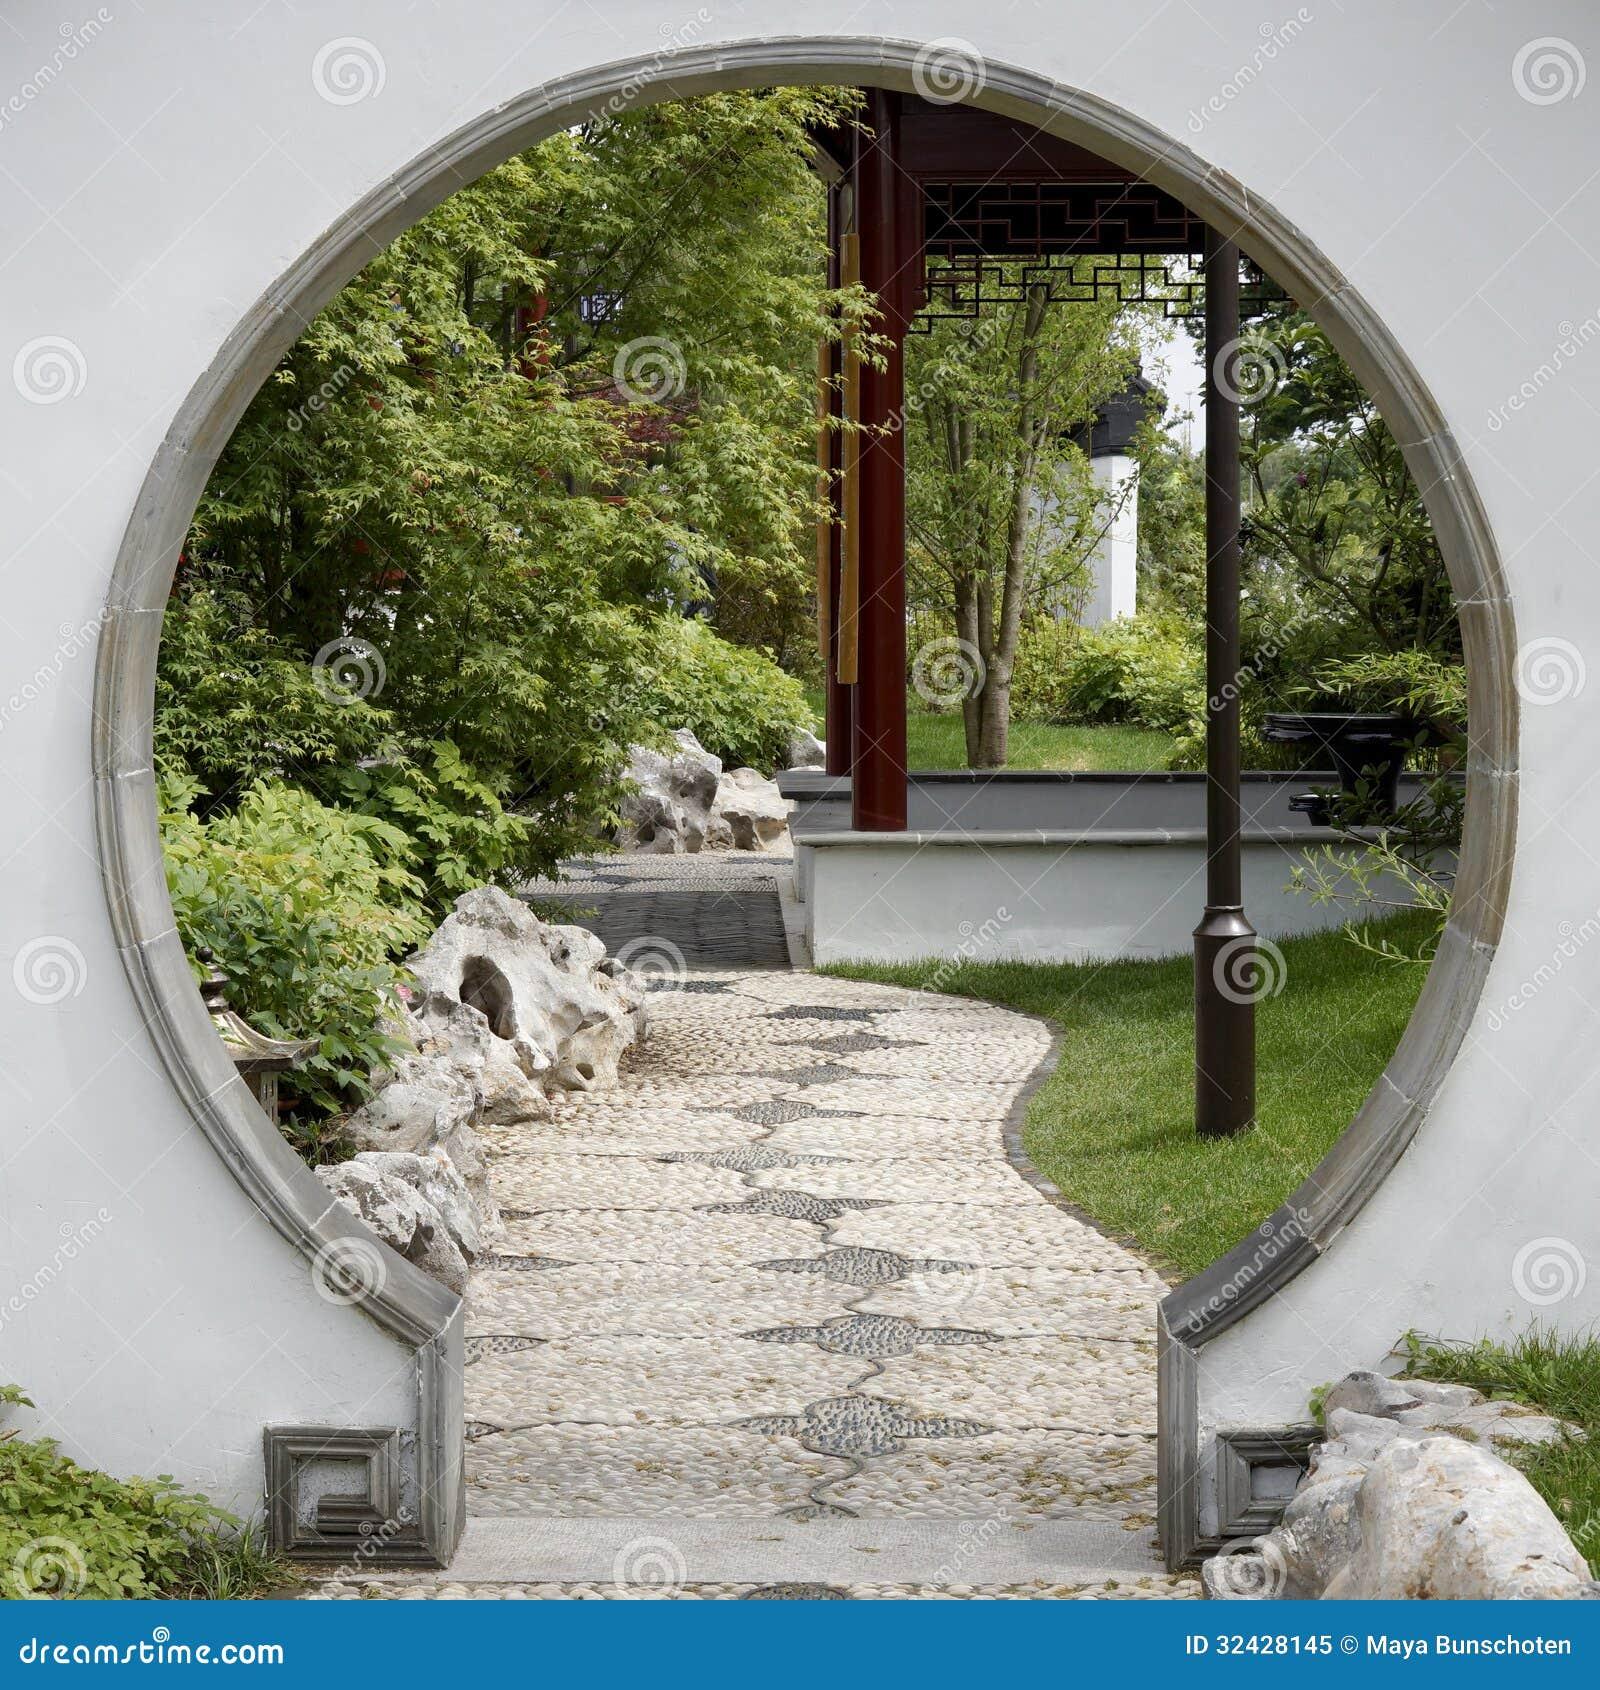 Porte au jardin japonais photo libre de droits image for Porte jardin